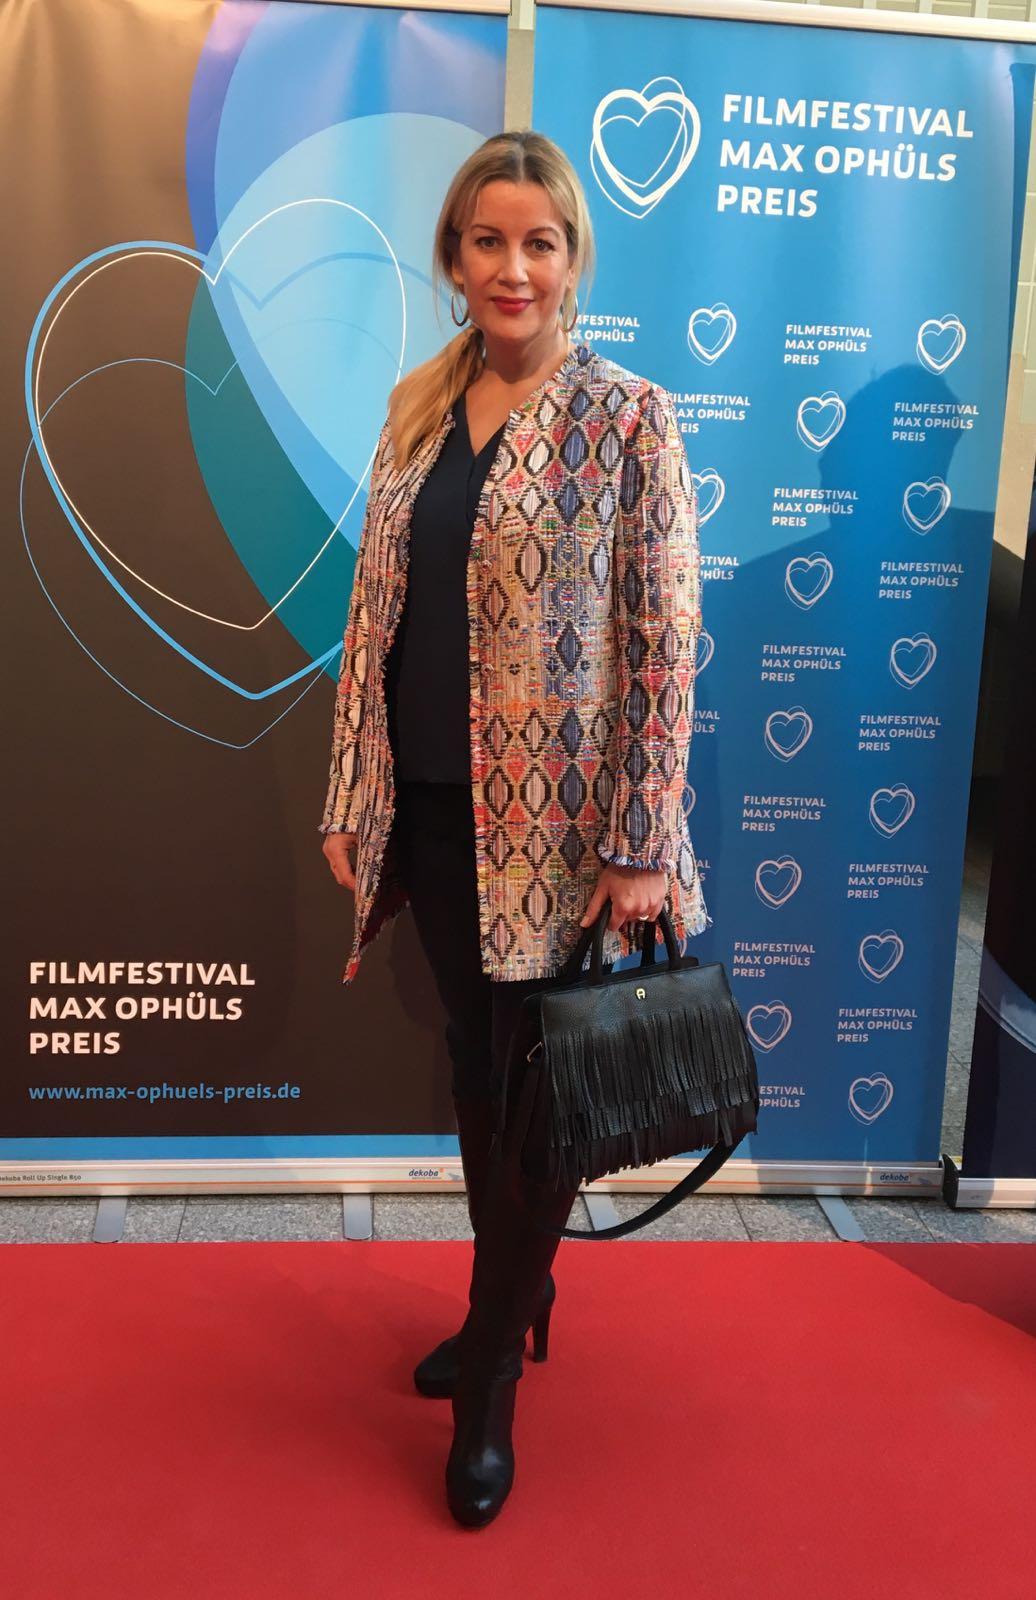 Alexa Maria Surholdt - Styling für das Filmfestival Max Ophüls